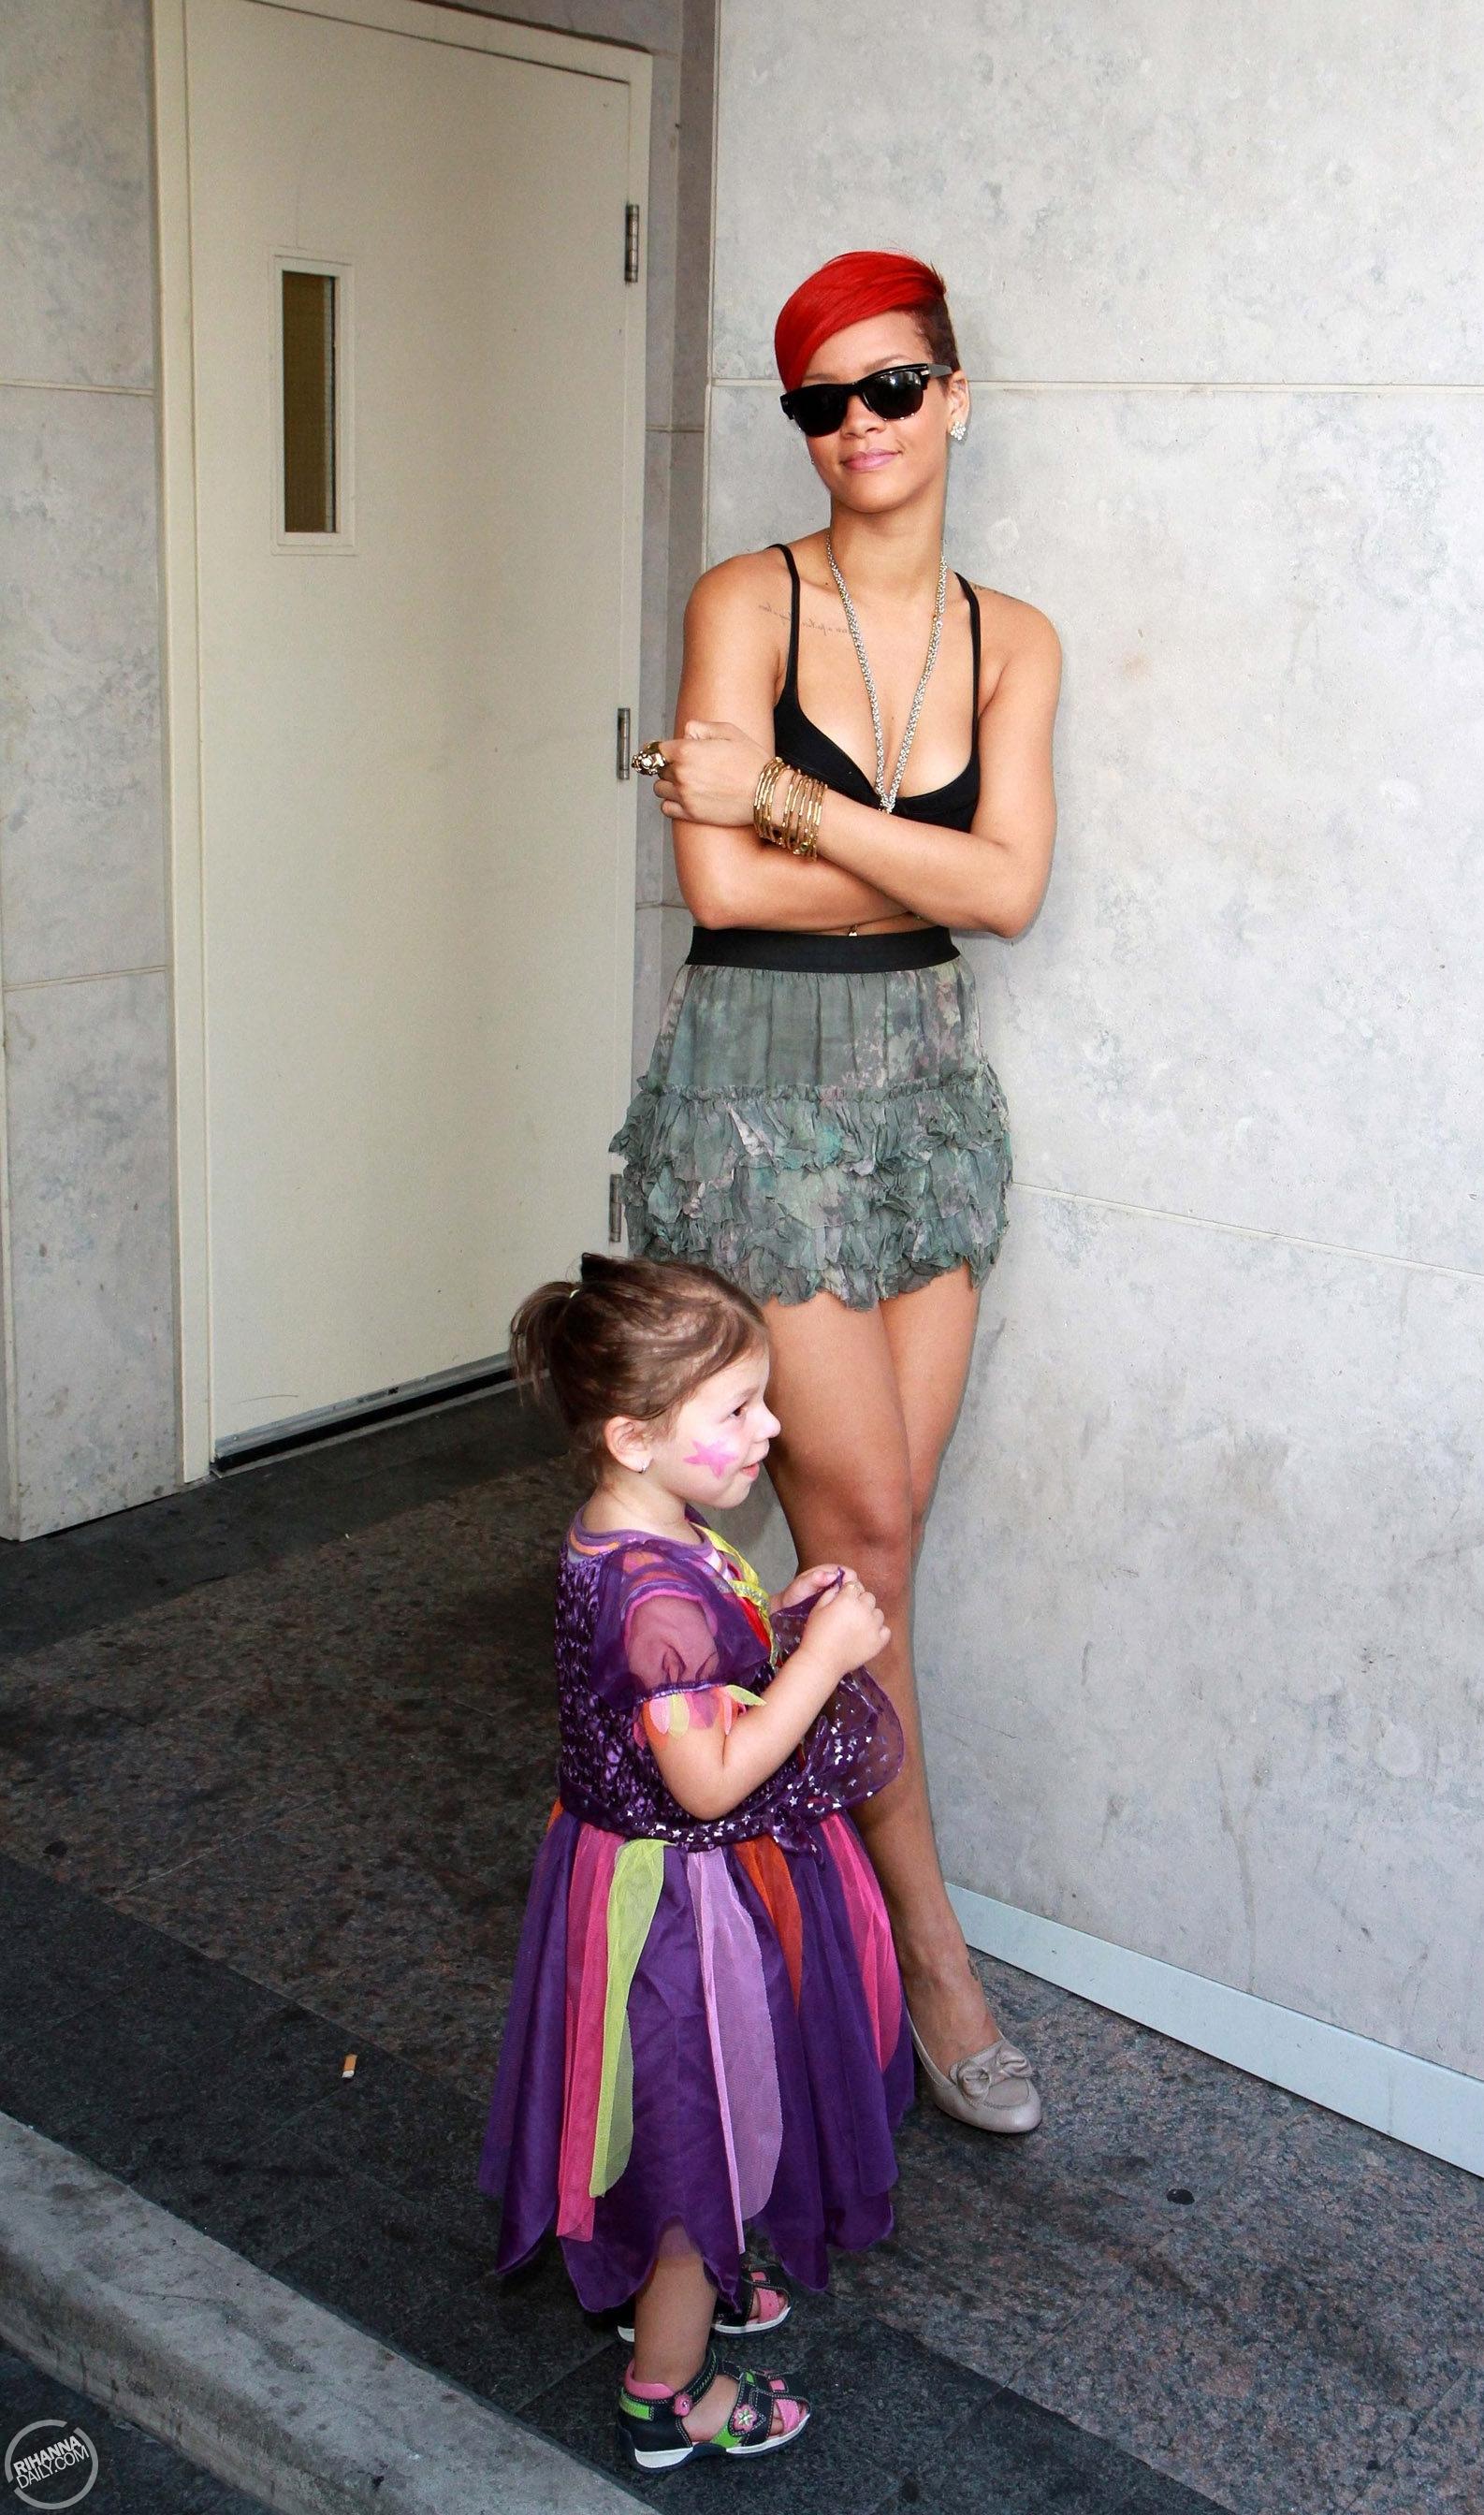 Рианна личная жизнь дети фото